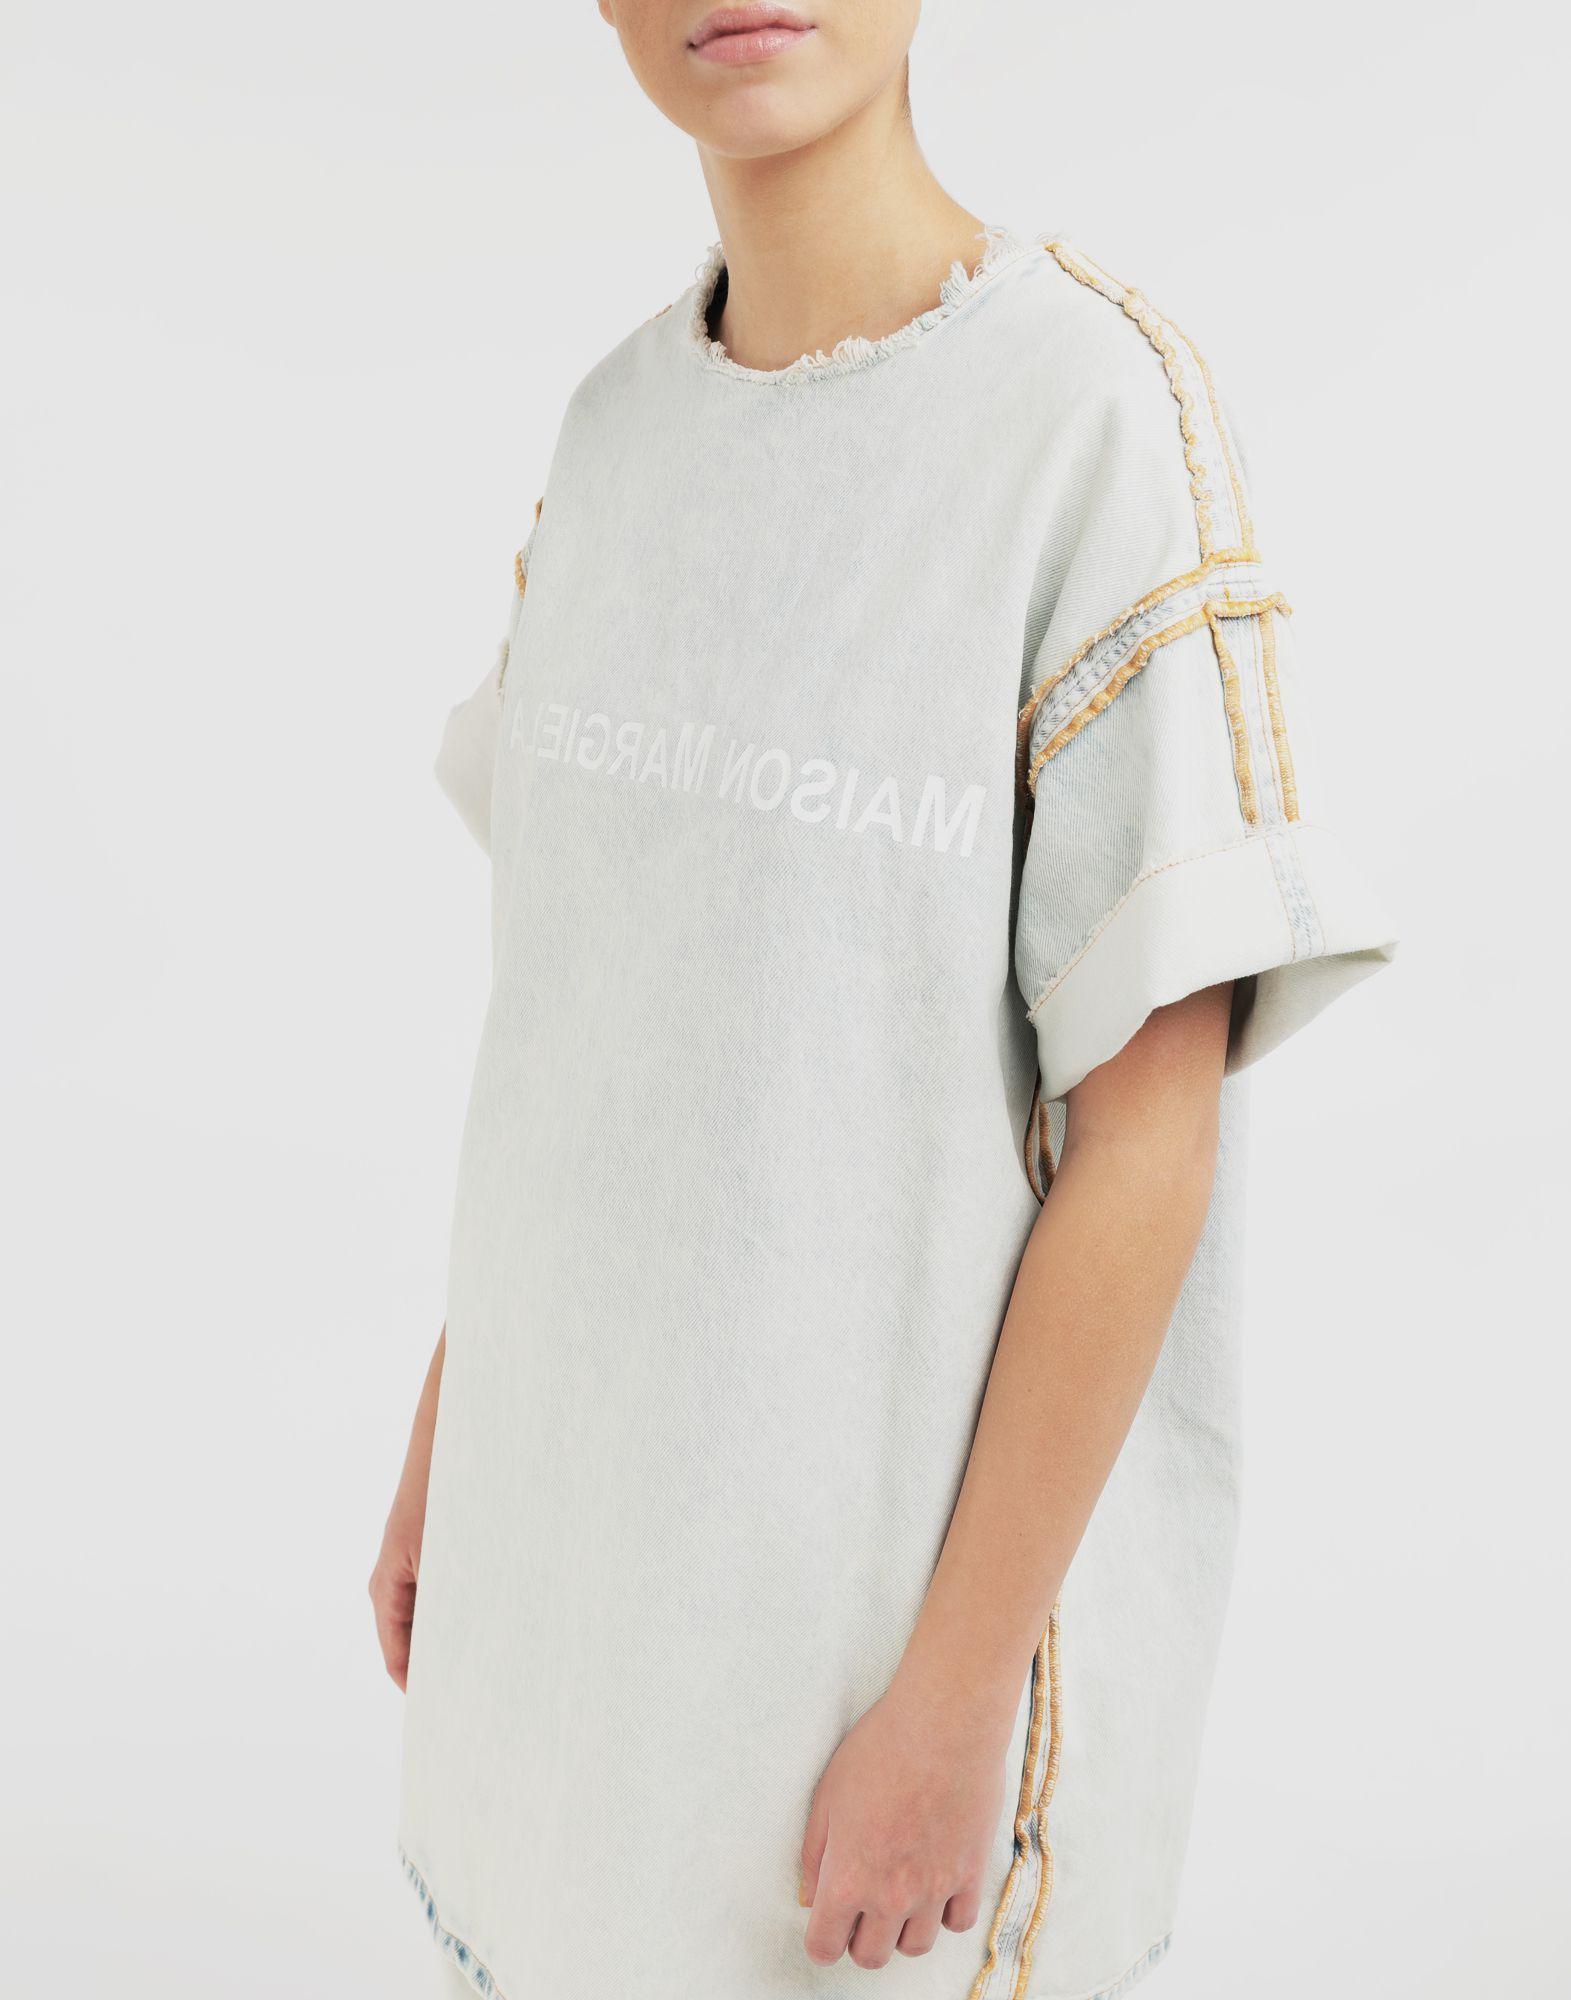 MM6 MAISON MARGIELA Abito T-shirt con logo Vestito Donna a